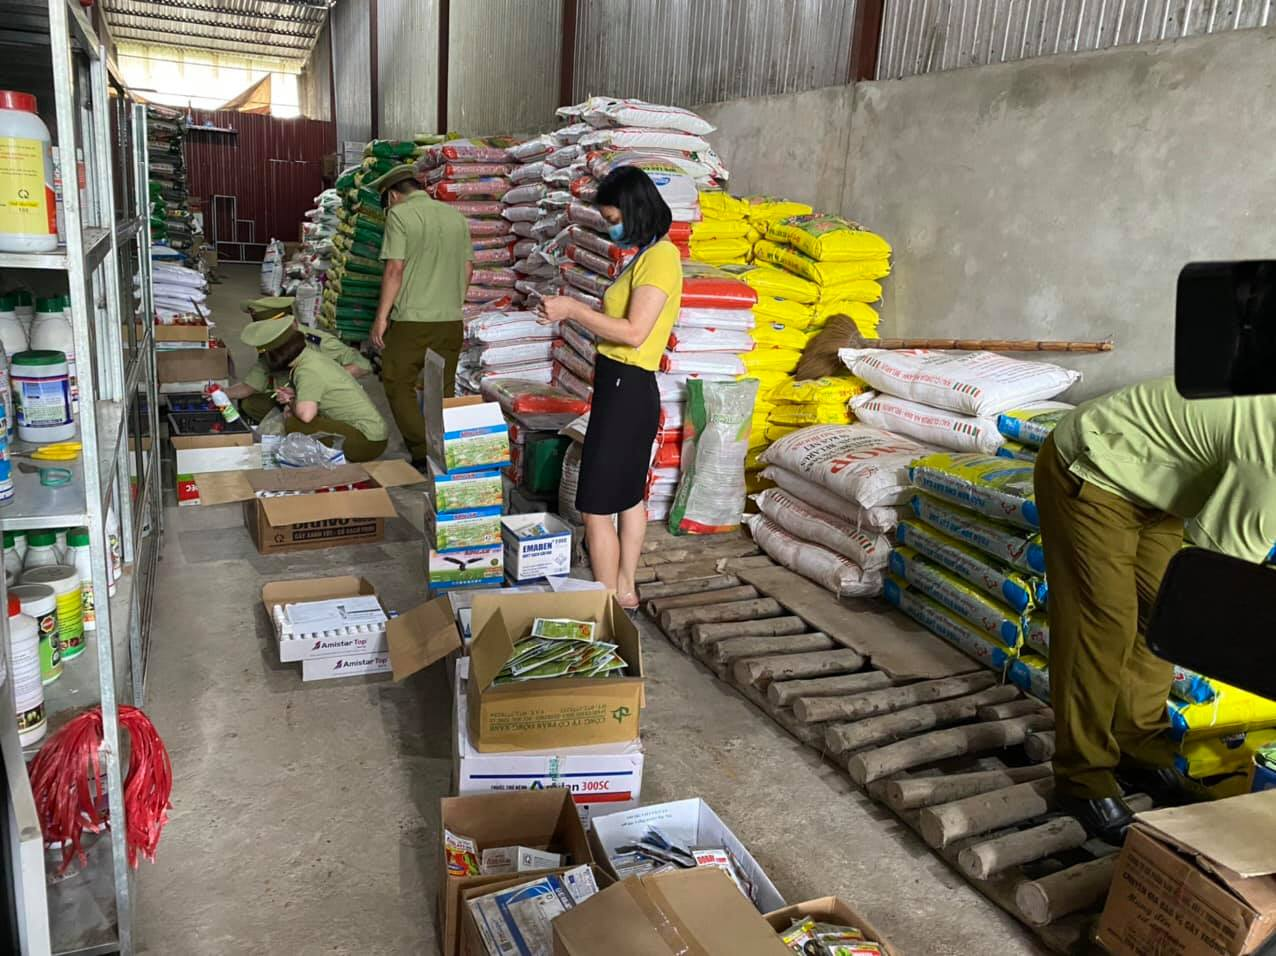 Hà Giang: Gần 4.000 sản phẩm thuốc bảo vệ thực vật hết hạn sử dụng bị phát hiện - Ảnh 1.